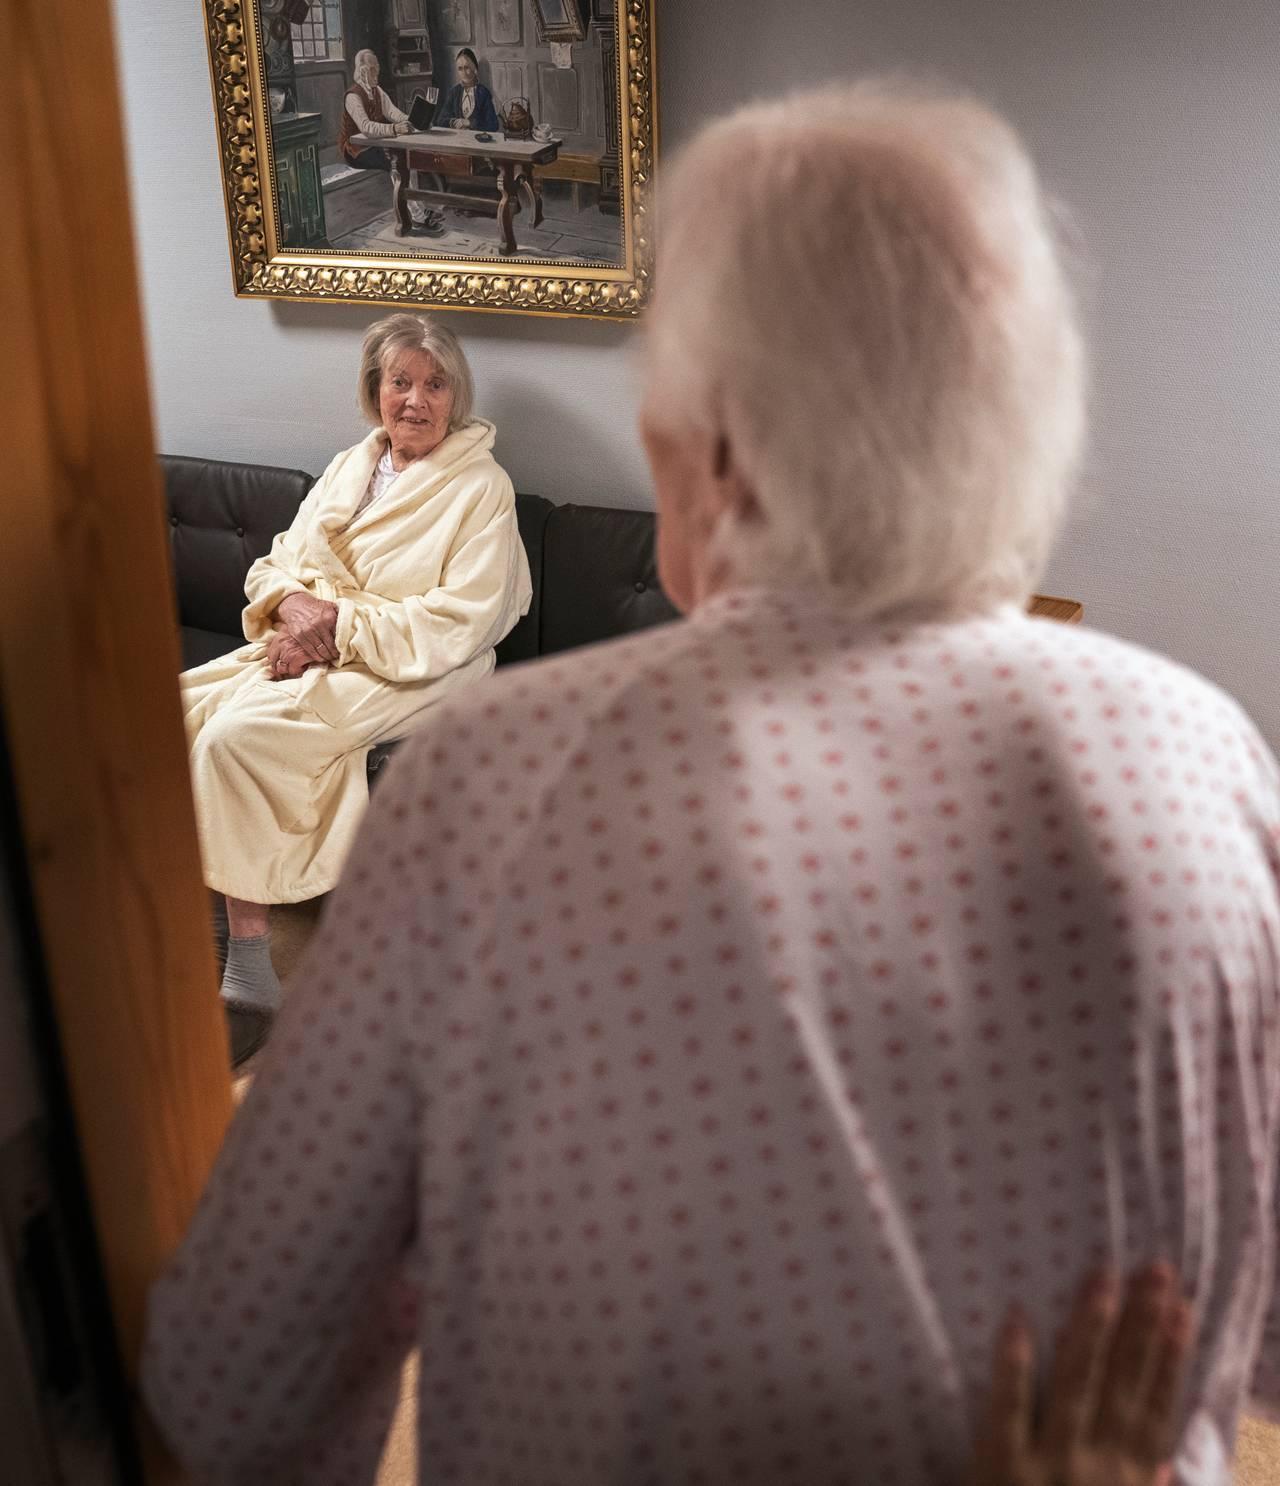 Birger står i døråpningen og møter blikket til Randi, som sitter i sofaen i gangen utenfor.